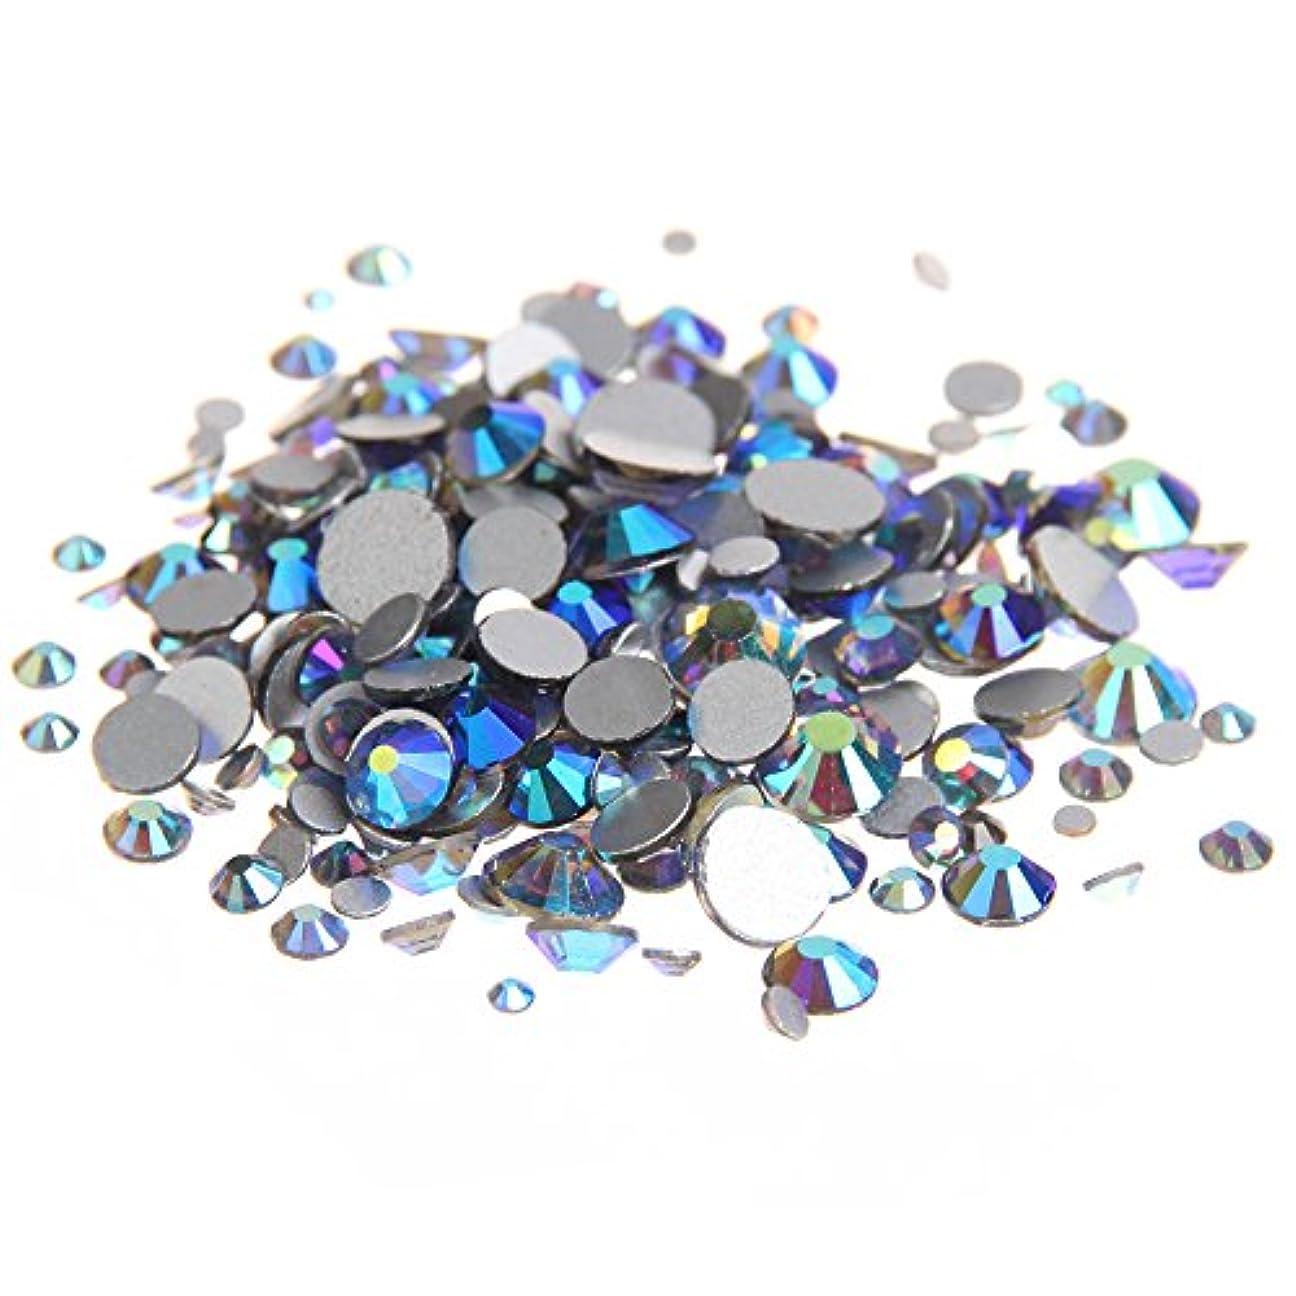 左種をまく商人Nizi ジュエリー ブランド ブラックダイヤモンドオーロラ ラインストーン は ガラスの材質 ネイル使用 型番ss3-ss30 (SS30 288pcs)